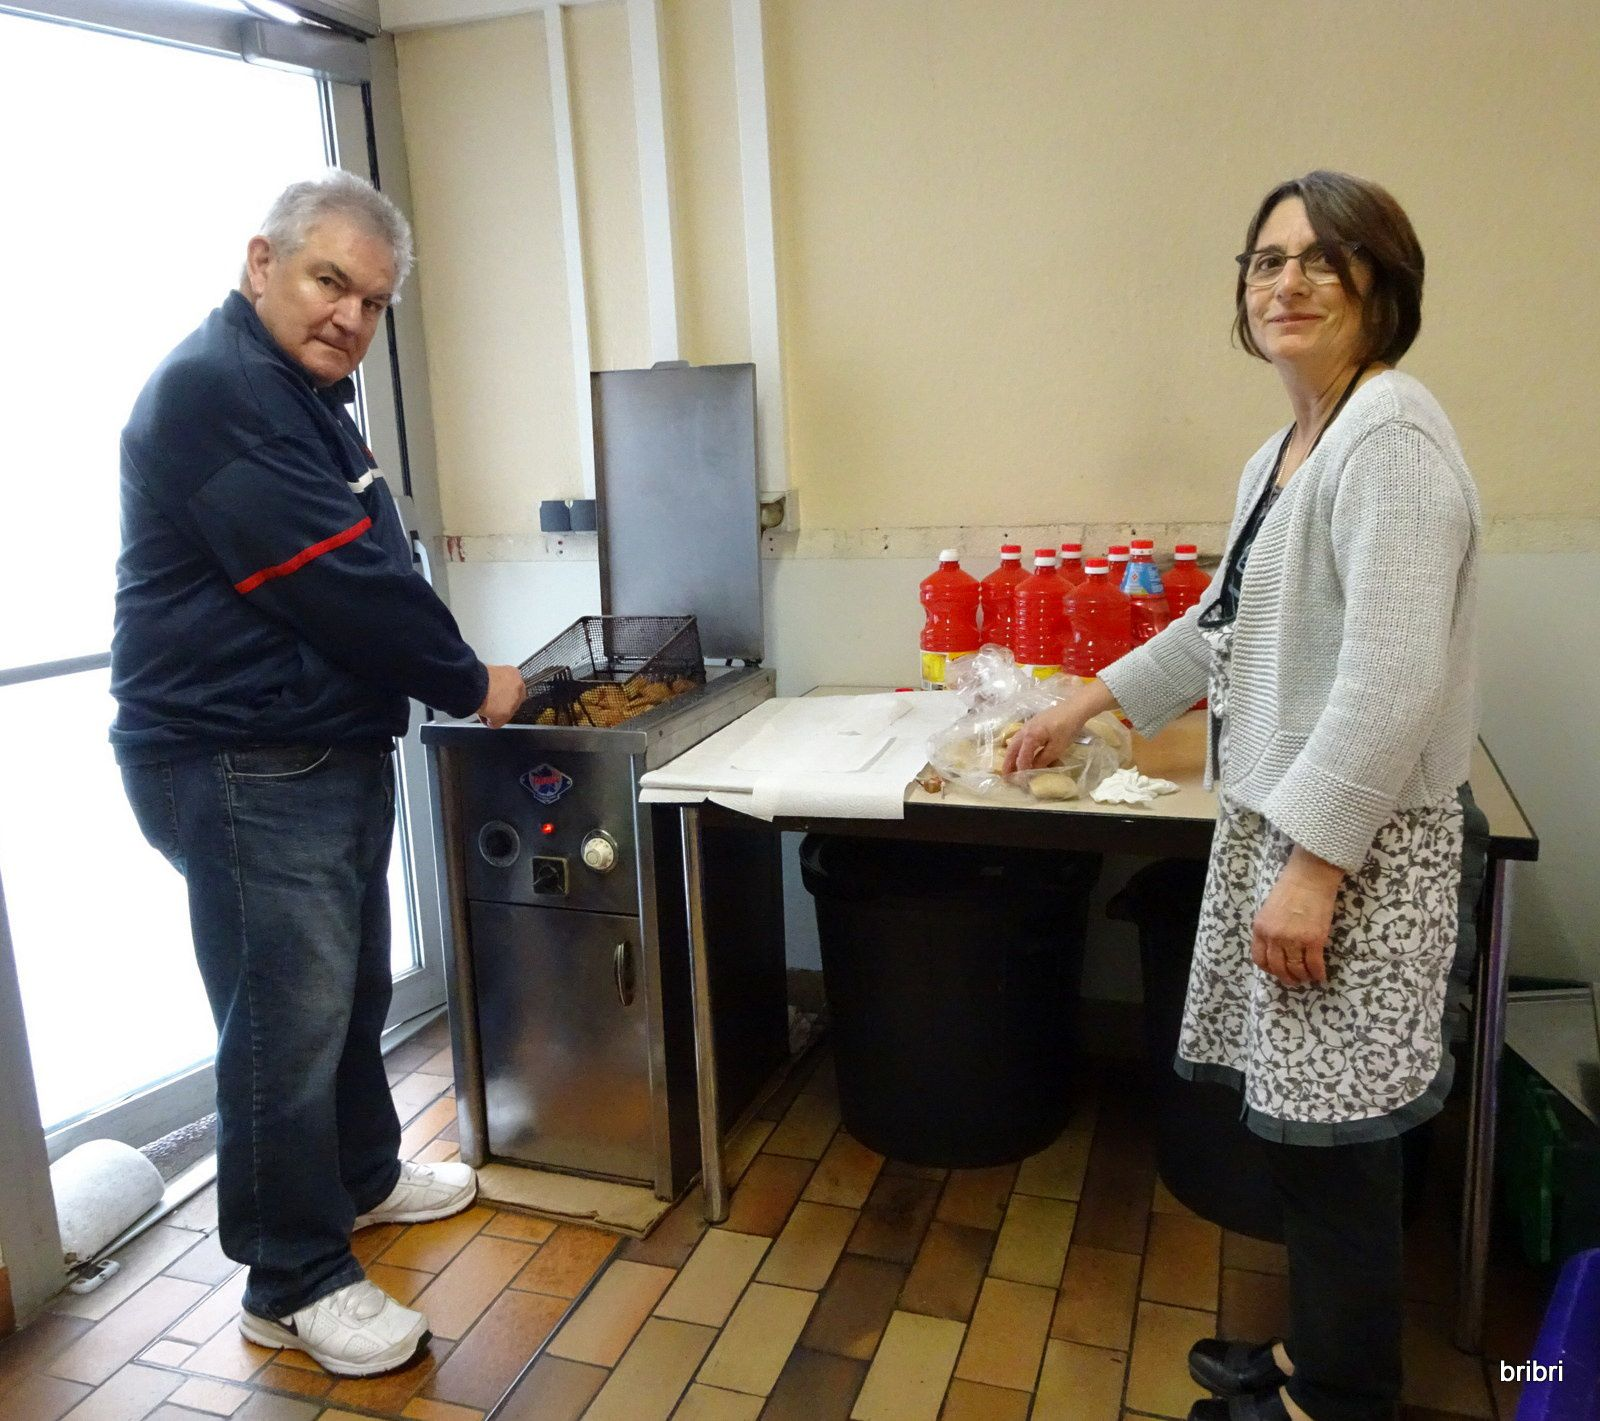 L'après-midi cuisson des beignets par Rose et Jacques et préparation des assiettes entrées et dessert.